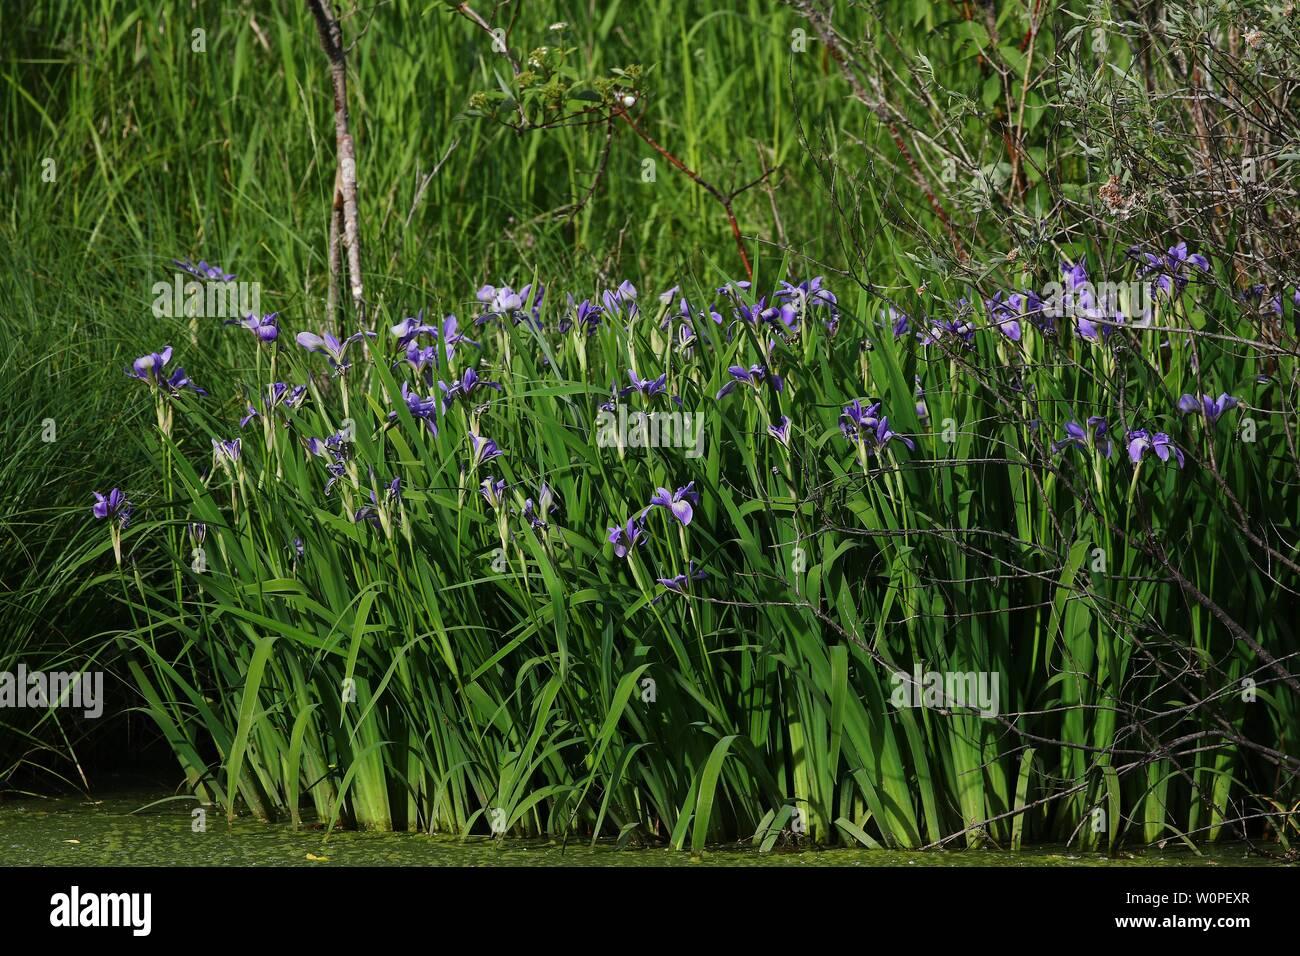 Iris Mythology Imágenes De Stock Iris Mythology Fotos De